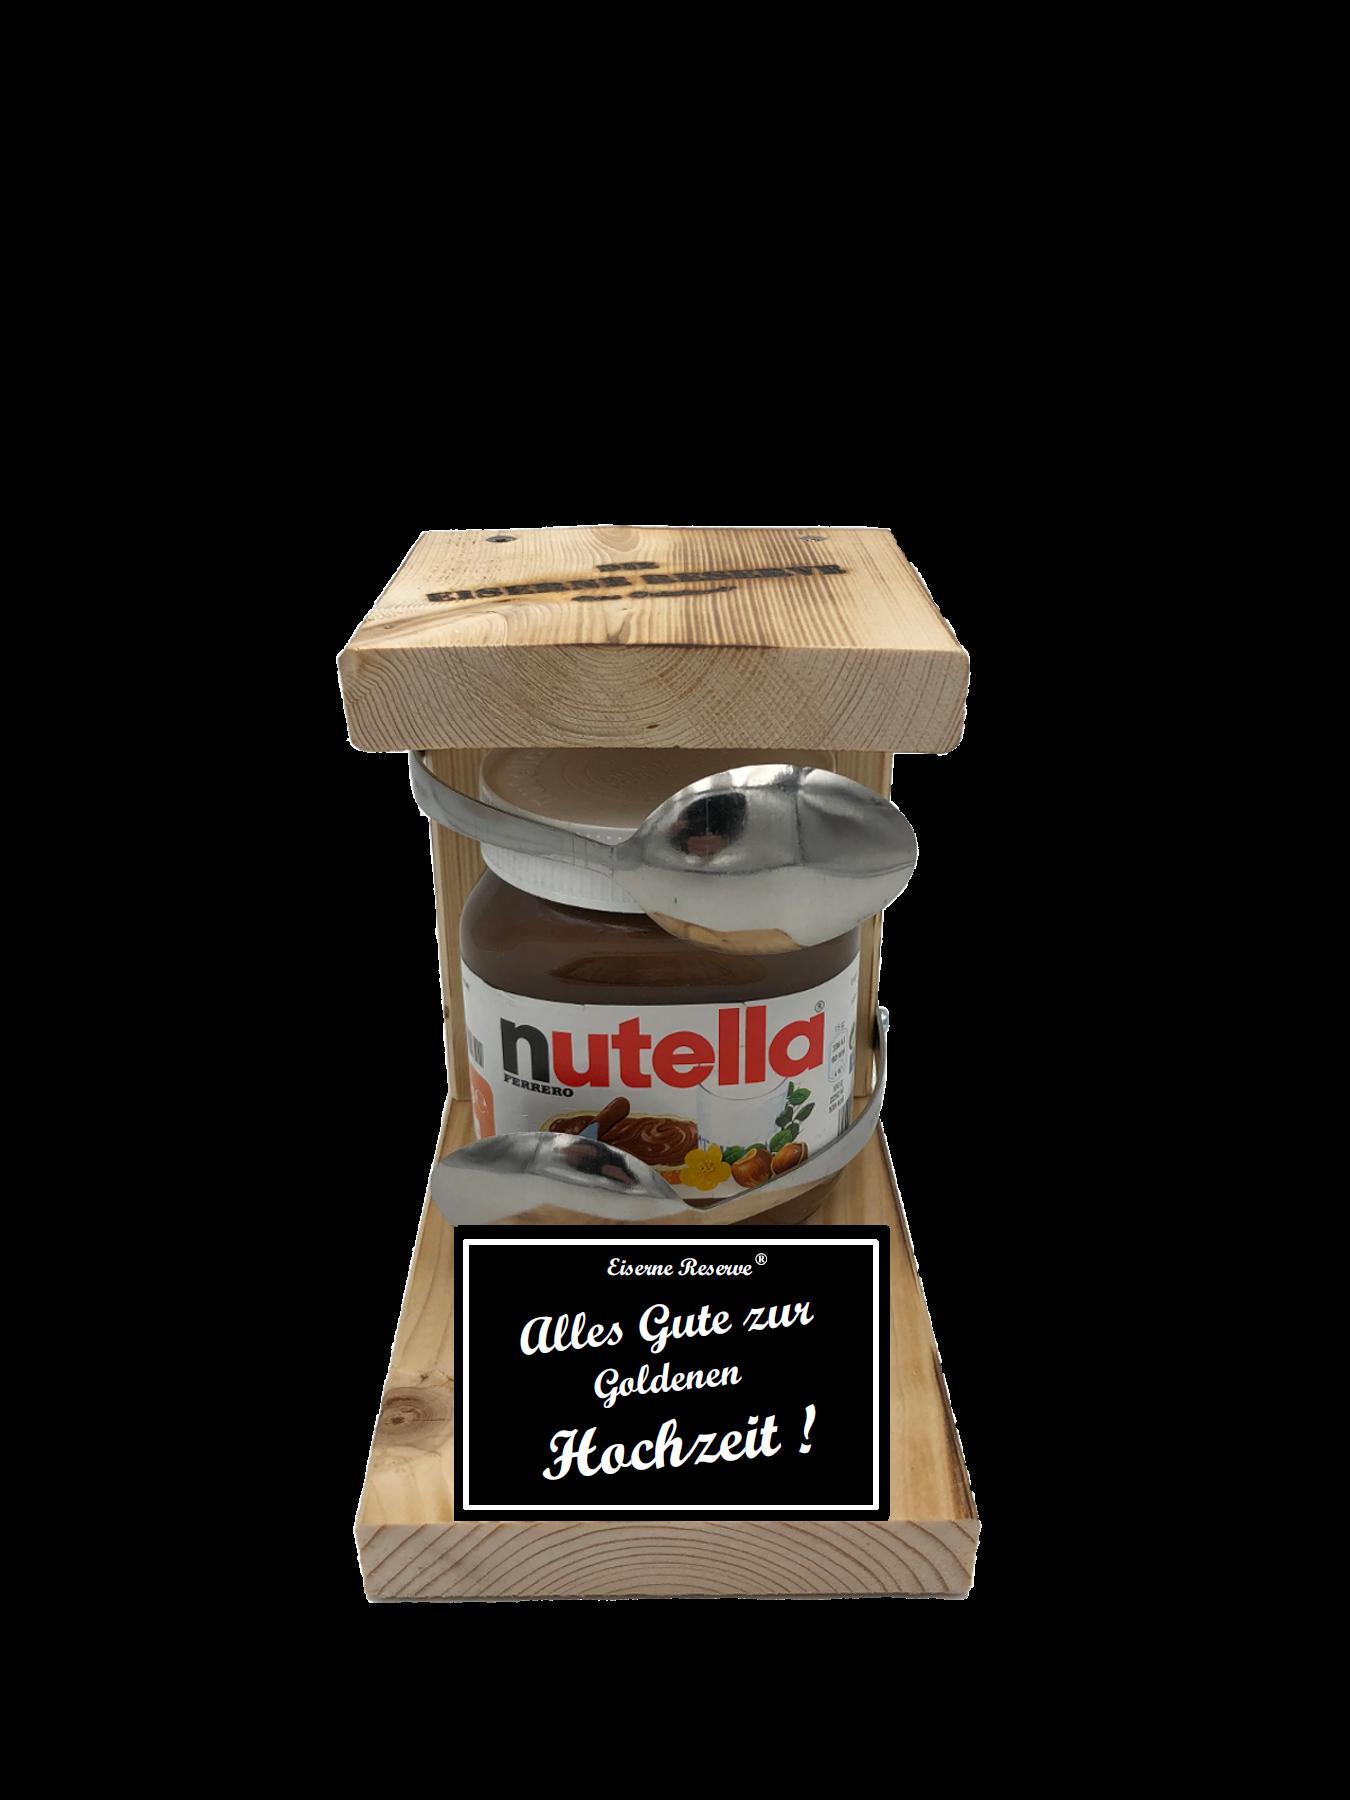 Alles Gute zur Goldenen Hochzeit Löffel Nutella Geschenk - Die Nutella Geschenkidee